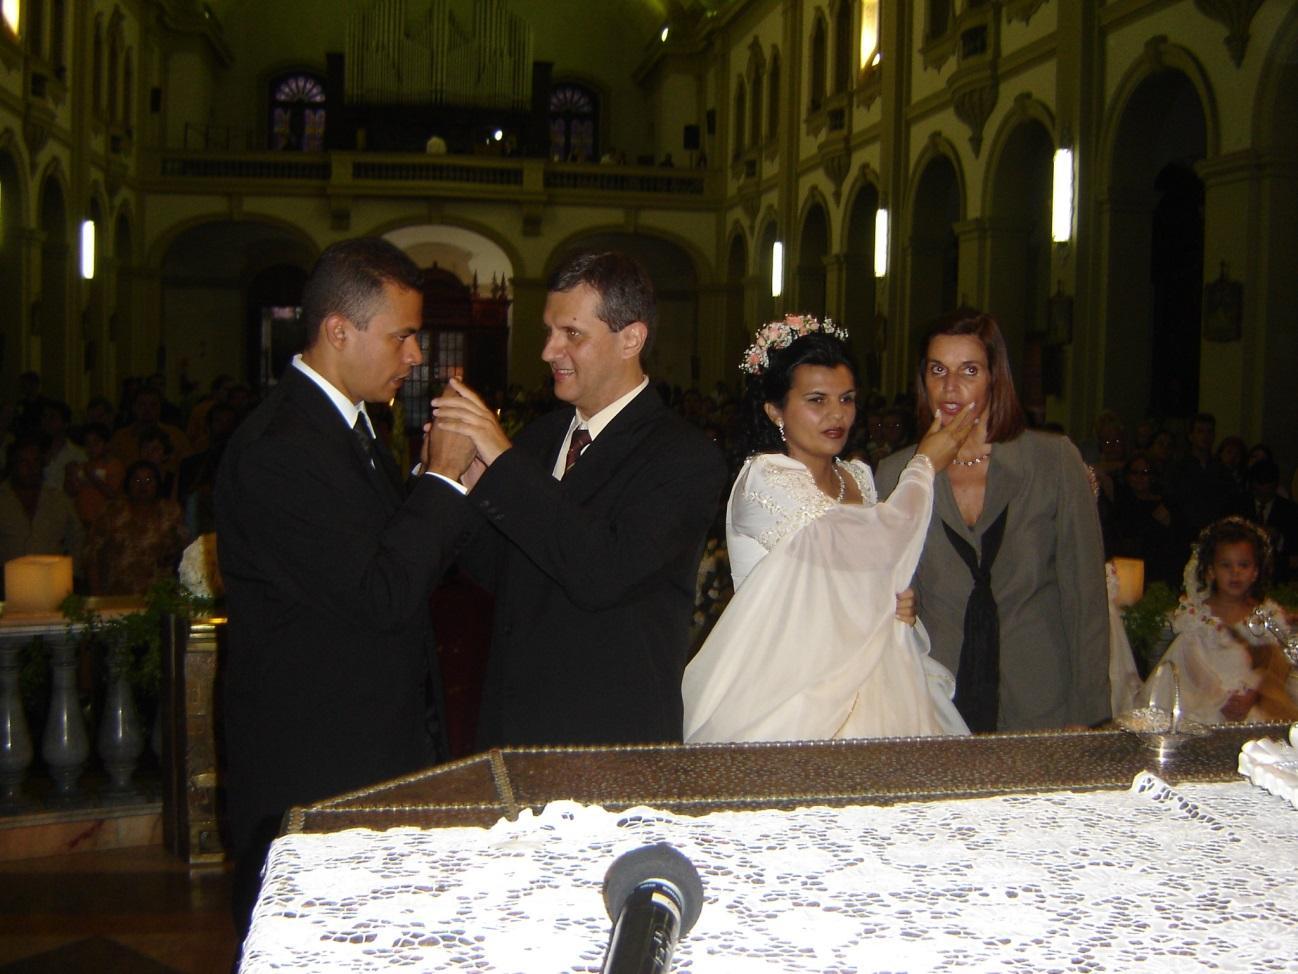 D:Casamento de Carlos Jorge e Claudia Sofia-2005-05-21122-Casamento de Carlos Jorge e Claudia Sofia.jpg